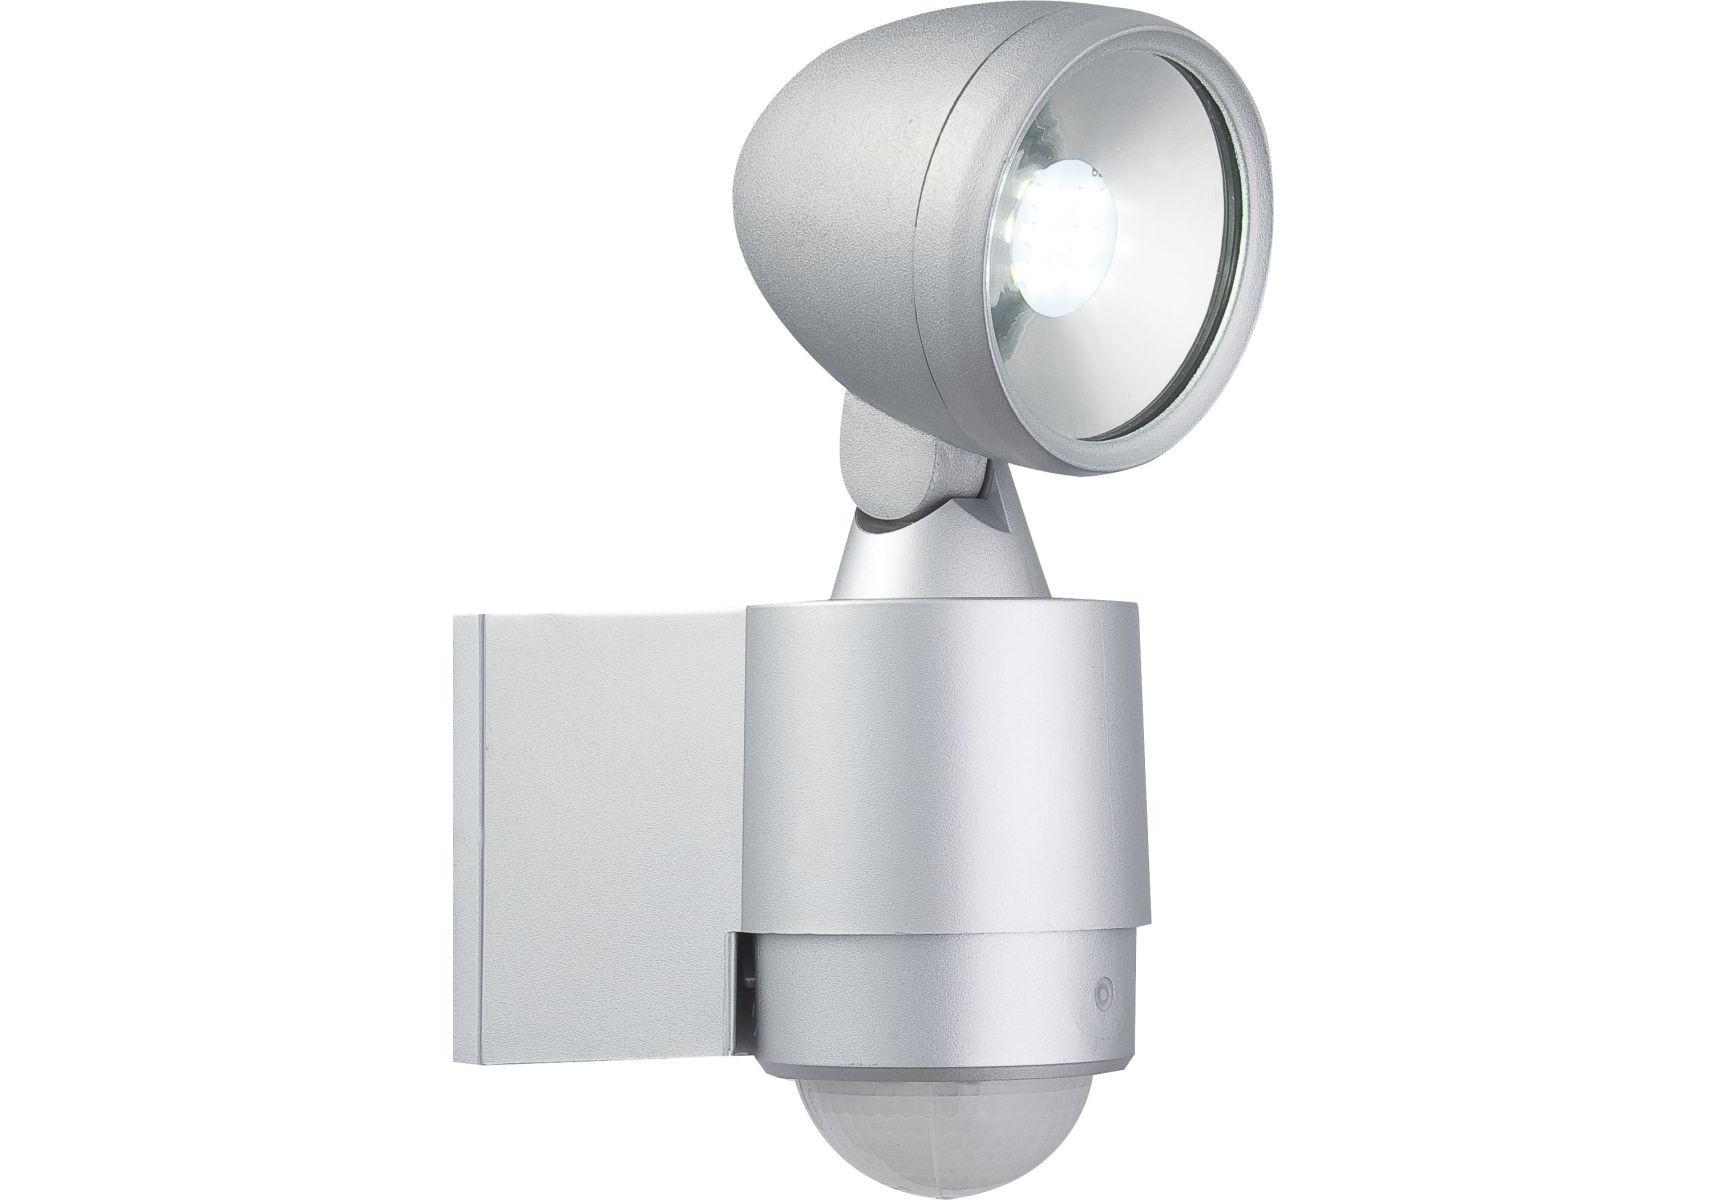 Светильник уличныйУличные настенные светильники<br>&amp;lt;div&amp;gt;Вид цоколя: LED&amp;lt;/div&amp;gt;&amp;lt;div&amp;gt;Мощность: 3W&amp;lt;/div&amp;gt;&amp;lt;div&amp;gt;Количество ламп: 1&amp;lt;/div&amp;gt;&amp;lt;div&amp;gt;Наличие ламп: есть&amp;lt;/div&amp;gt;<br><br>Material: Алюминий<br>Ширина см: 7<br>Высота см: 17<br>Глубина см: 13